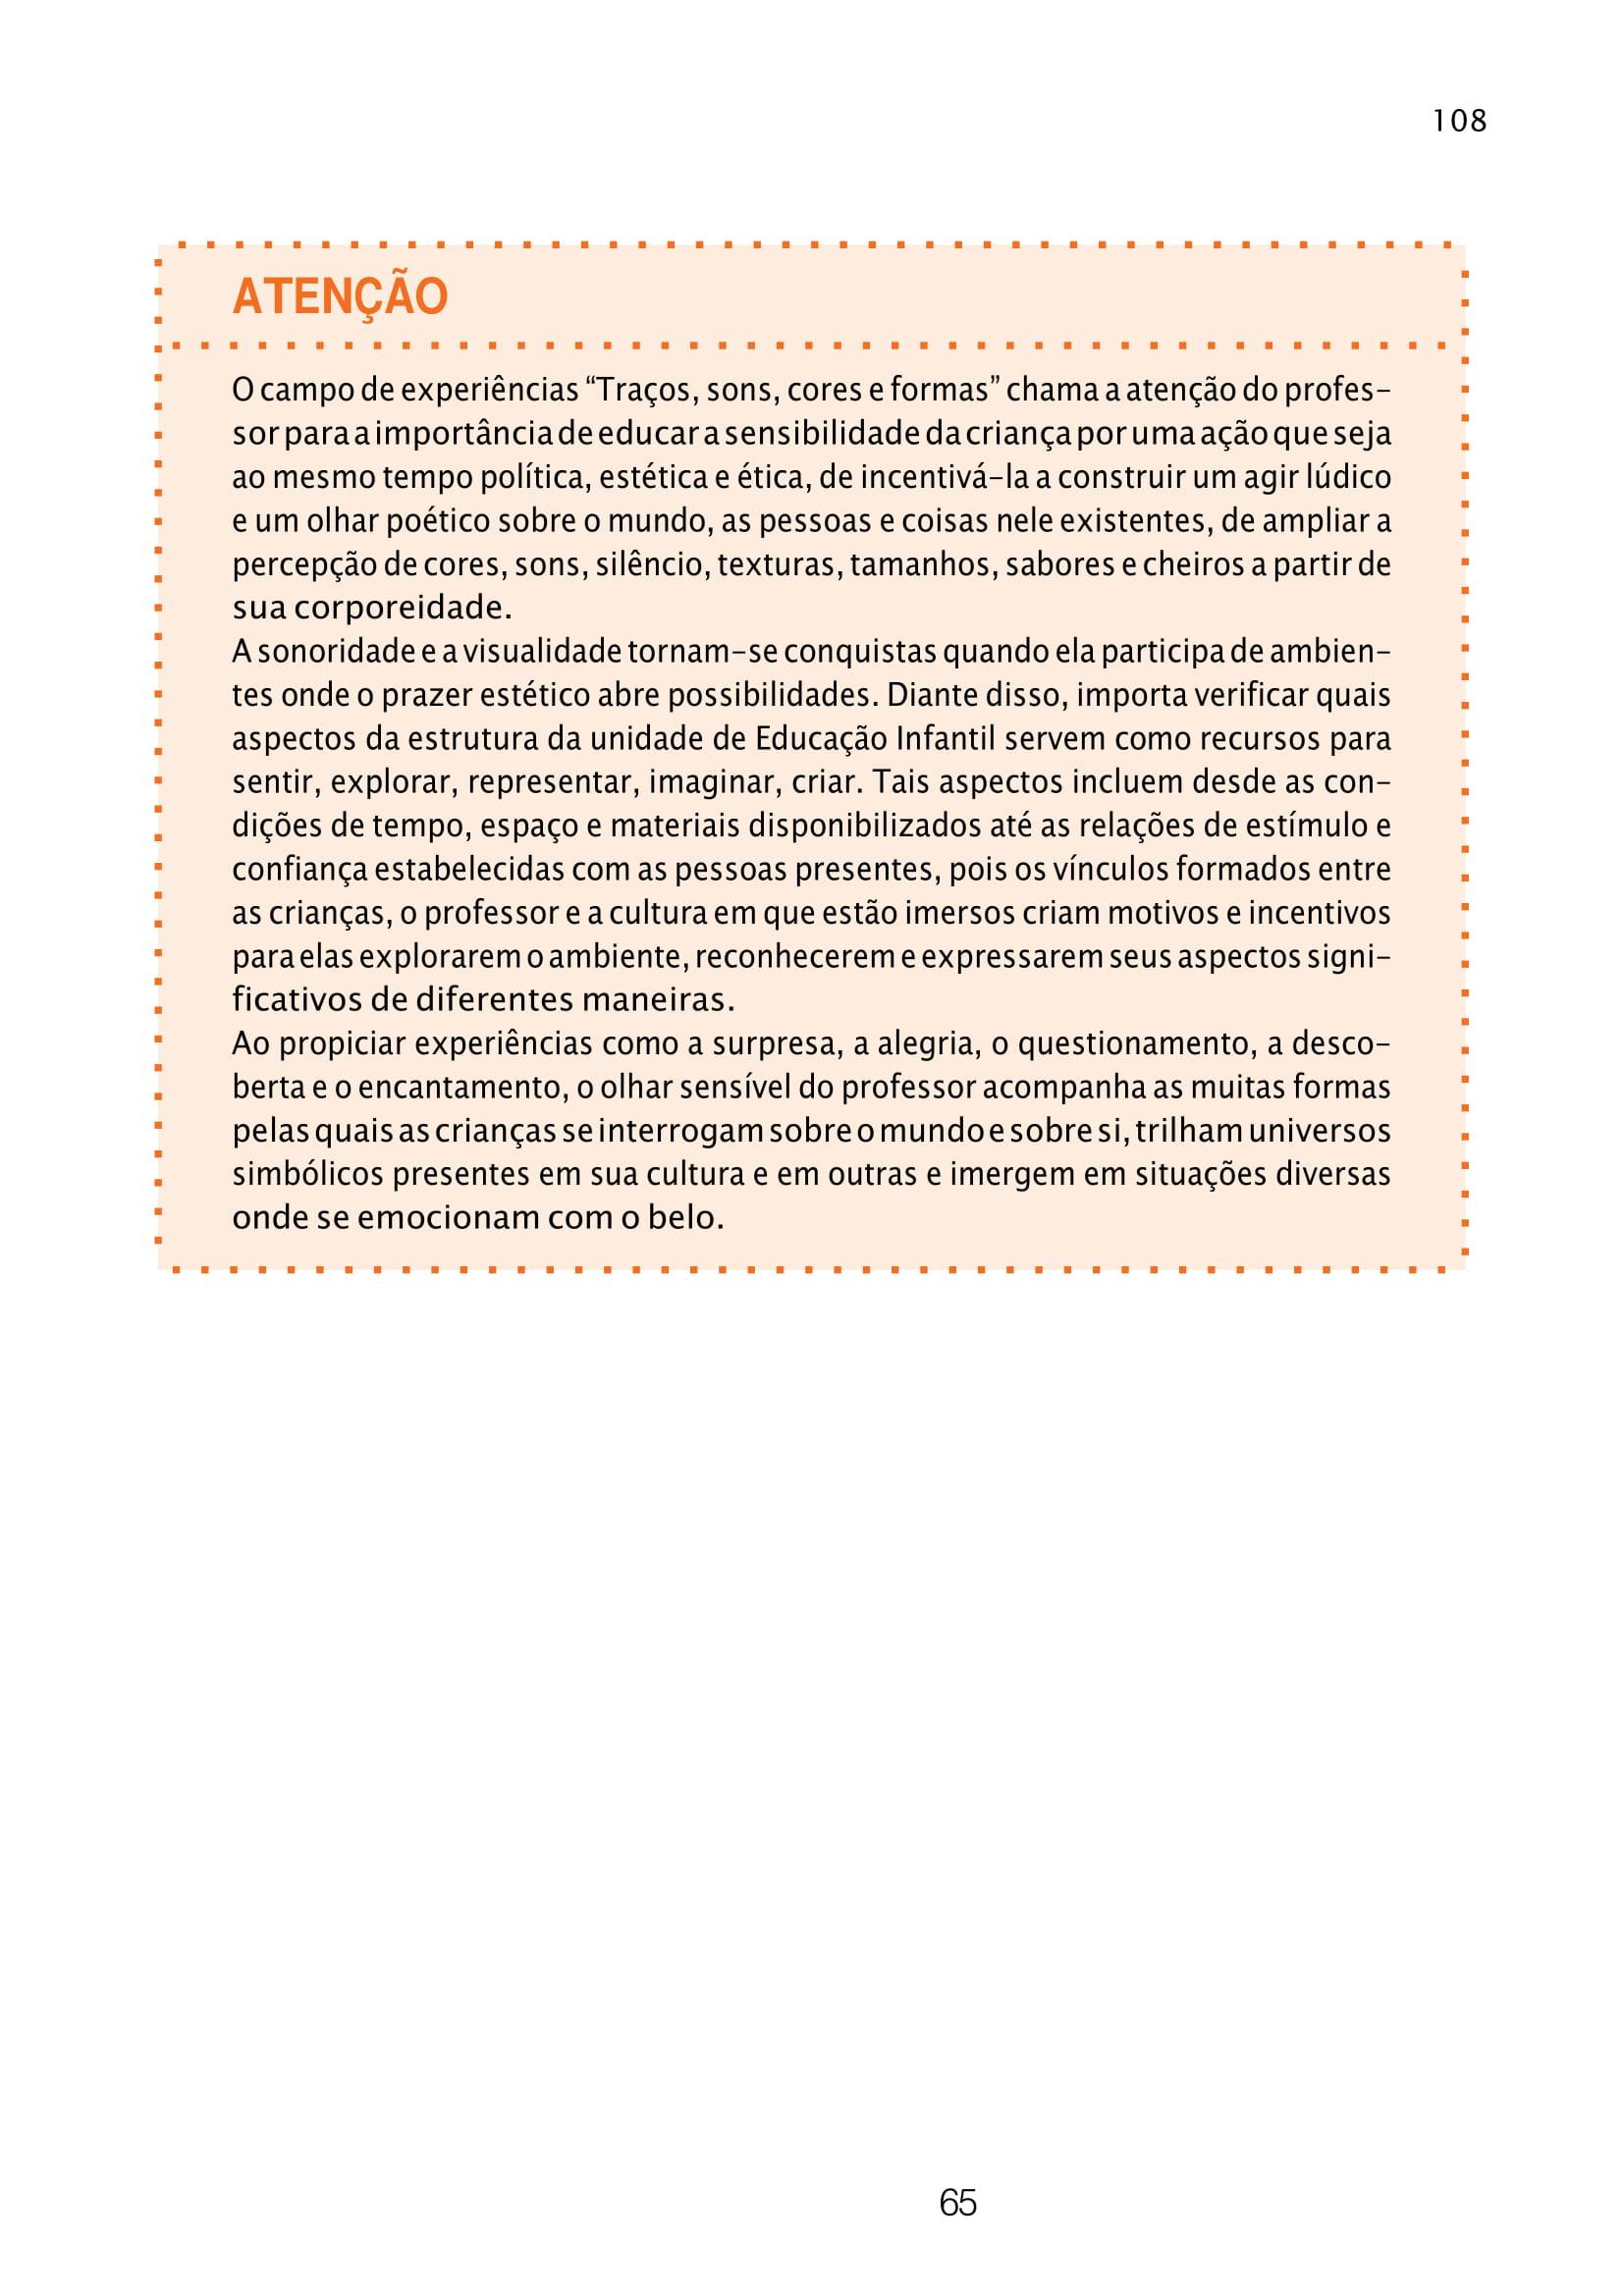 planejamento-educação-infantil-bncc-geral-138